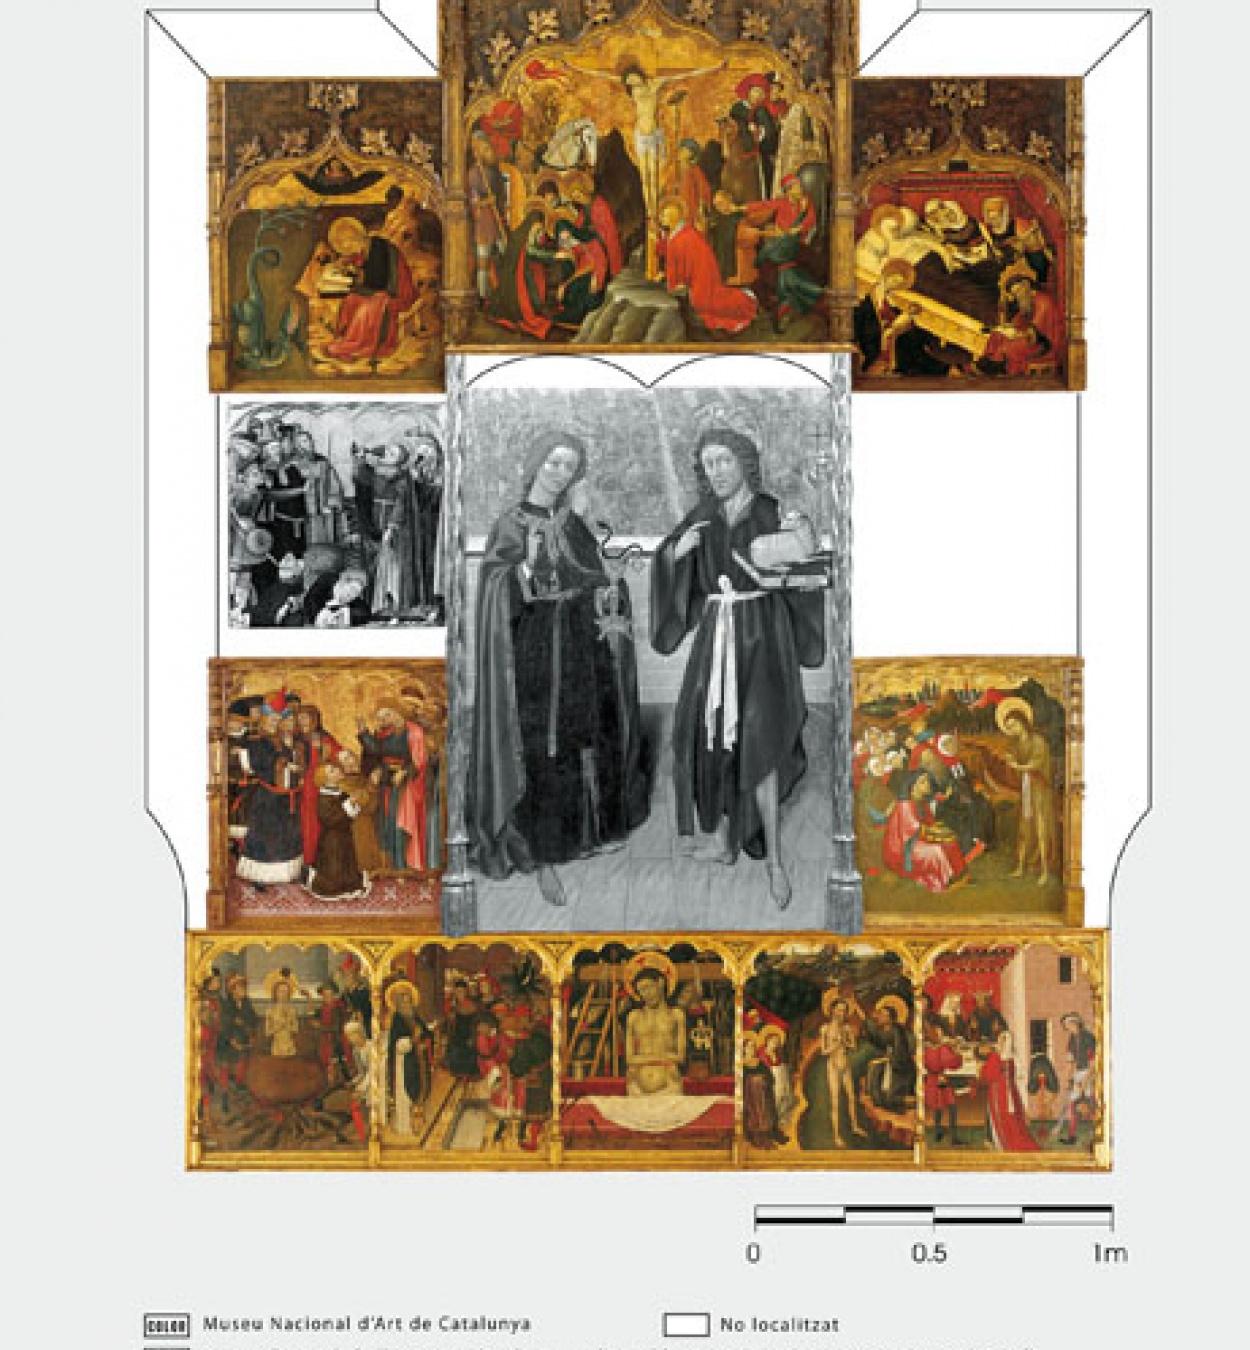 Bernat Martorell - Retaule dels sants Joans - Cap a 1435-1445 [1]